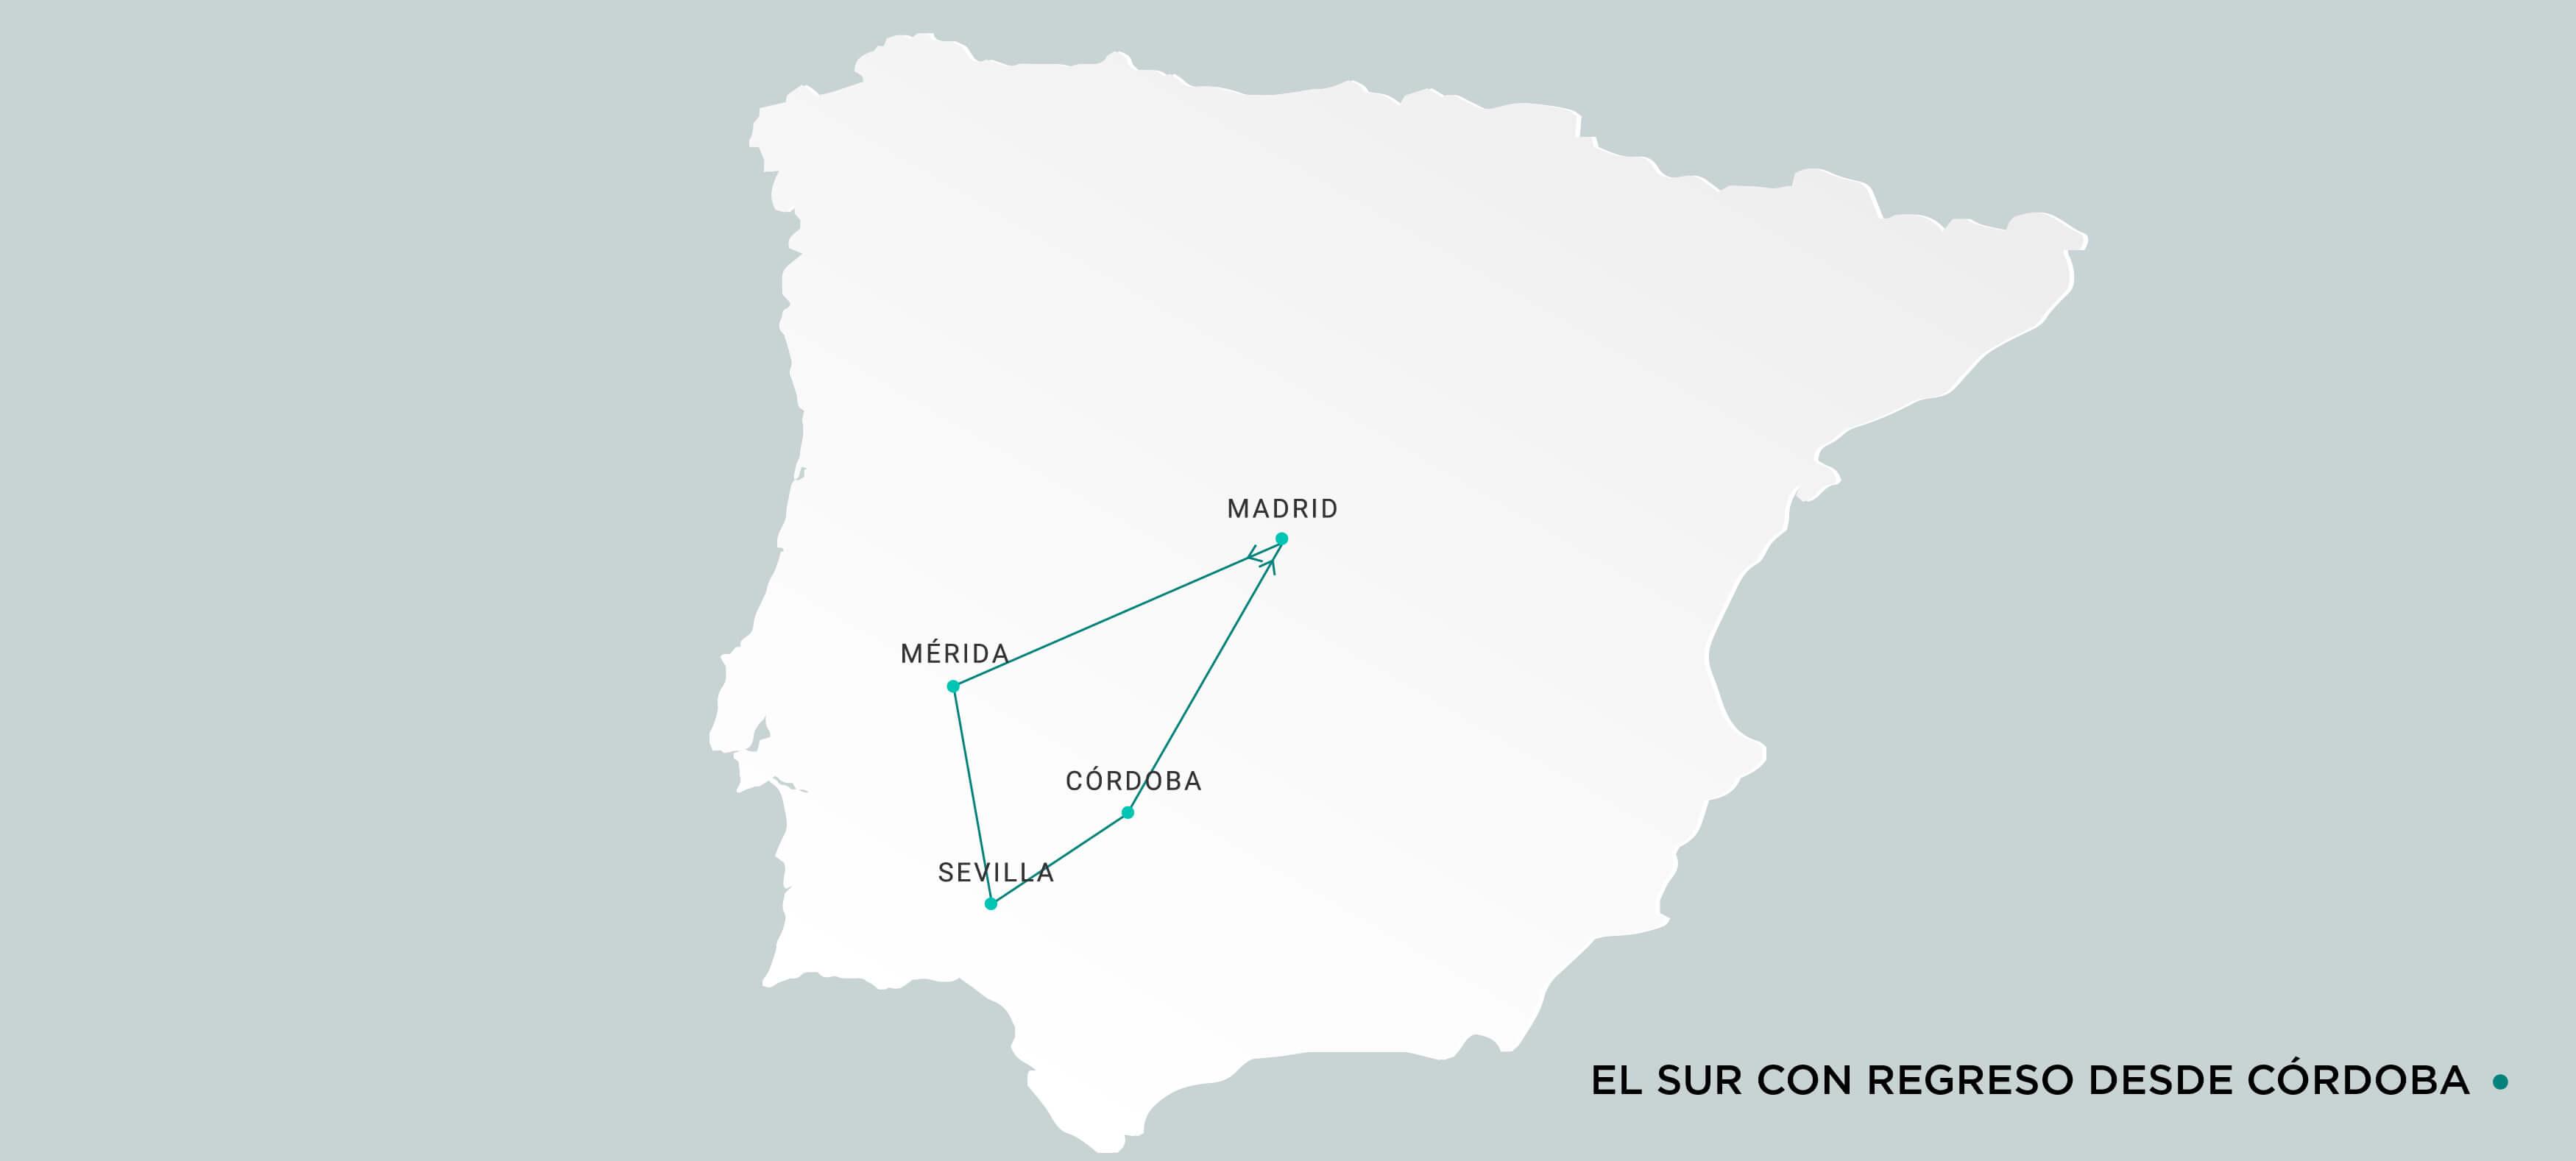 Mapa Sur con regreso desde Córdoba